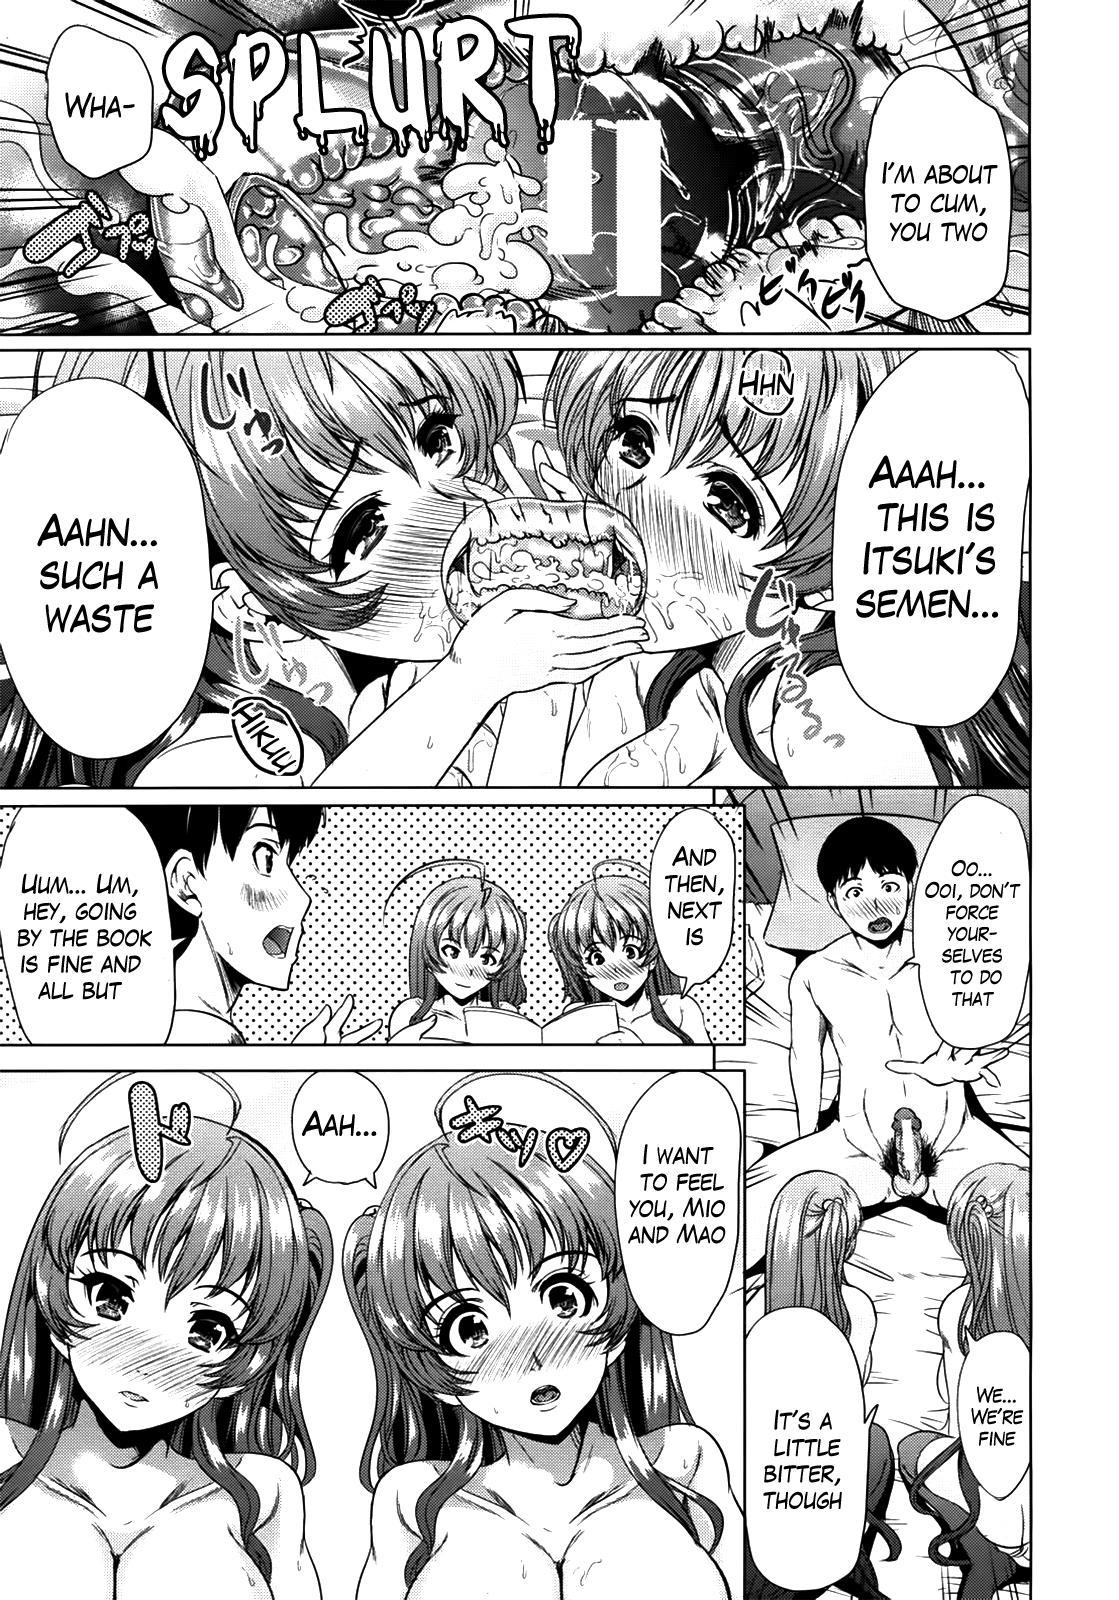 Kainushi-sama ni Natte yo ne! 194